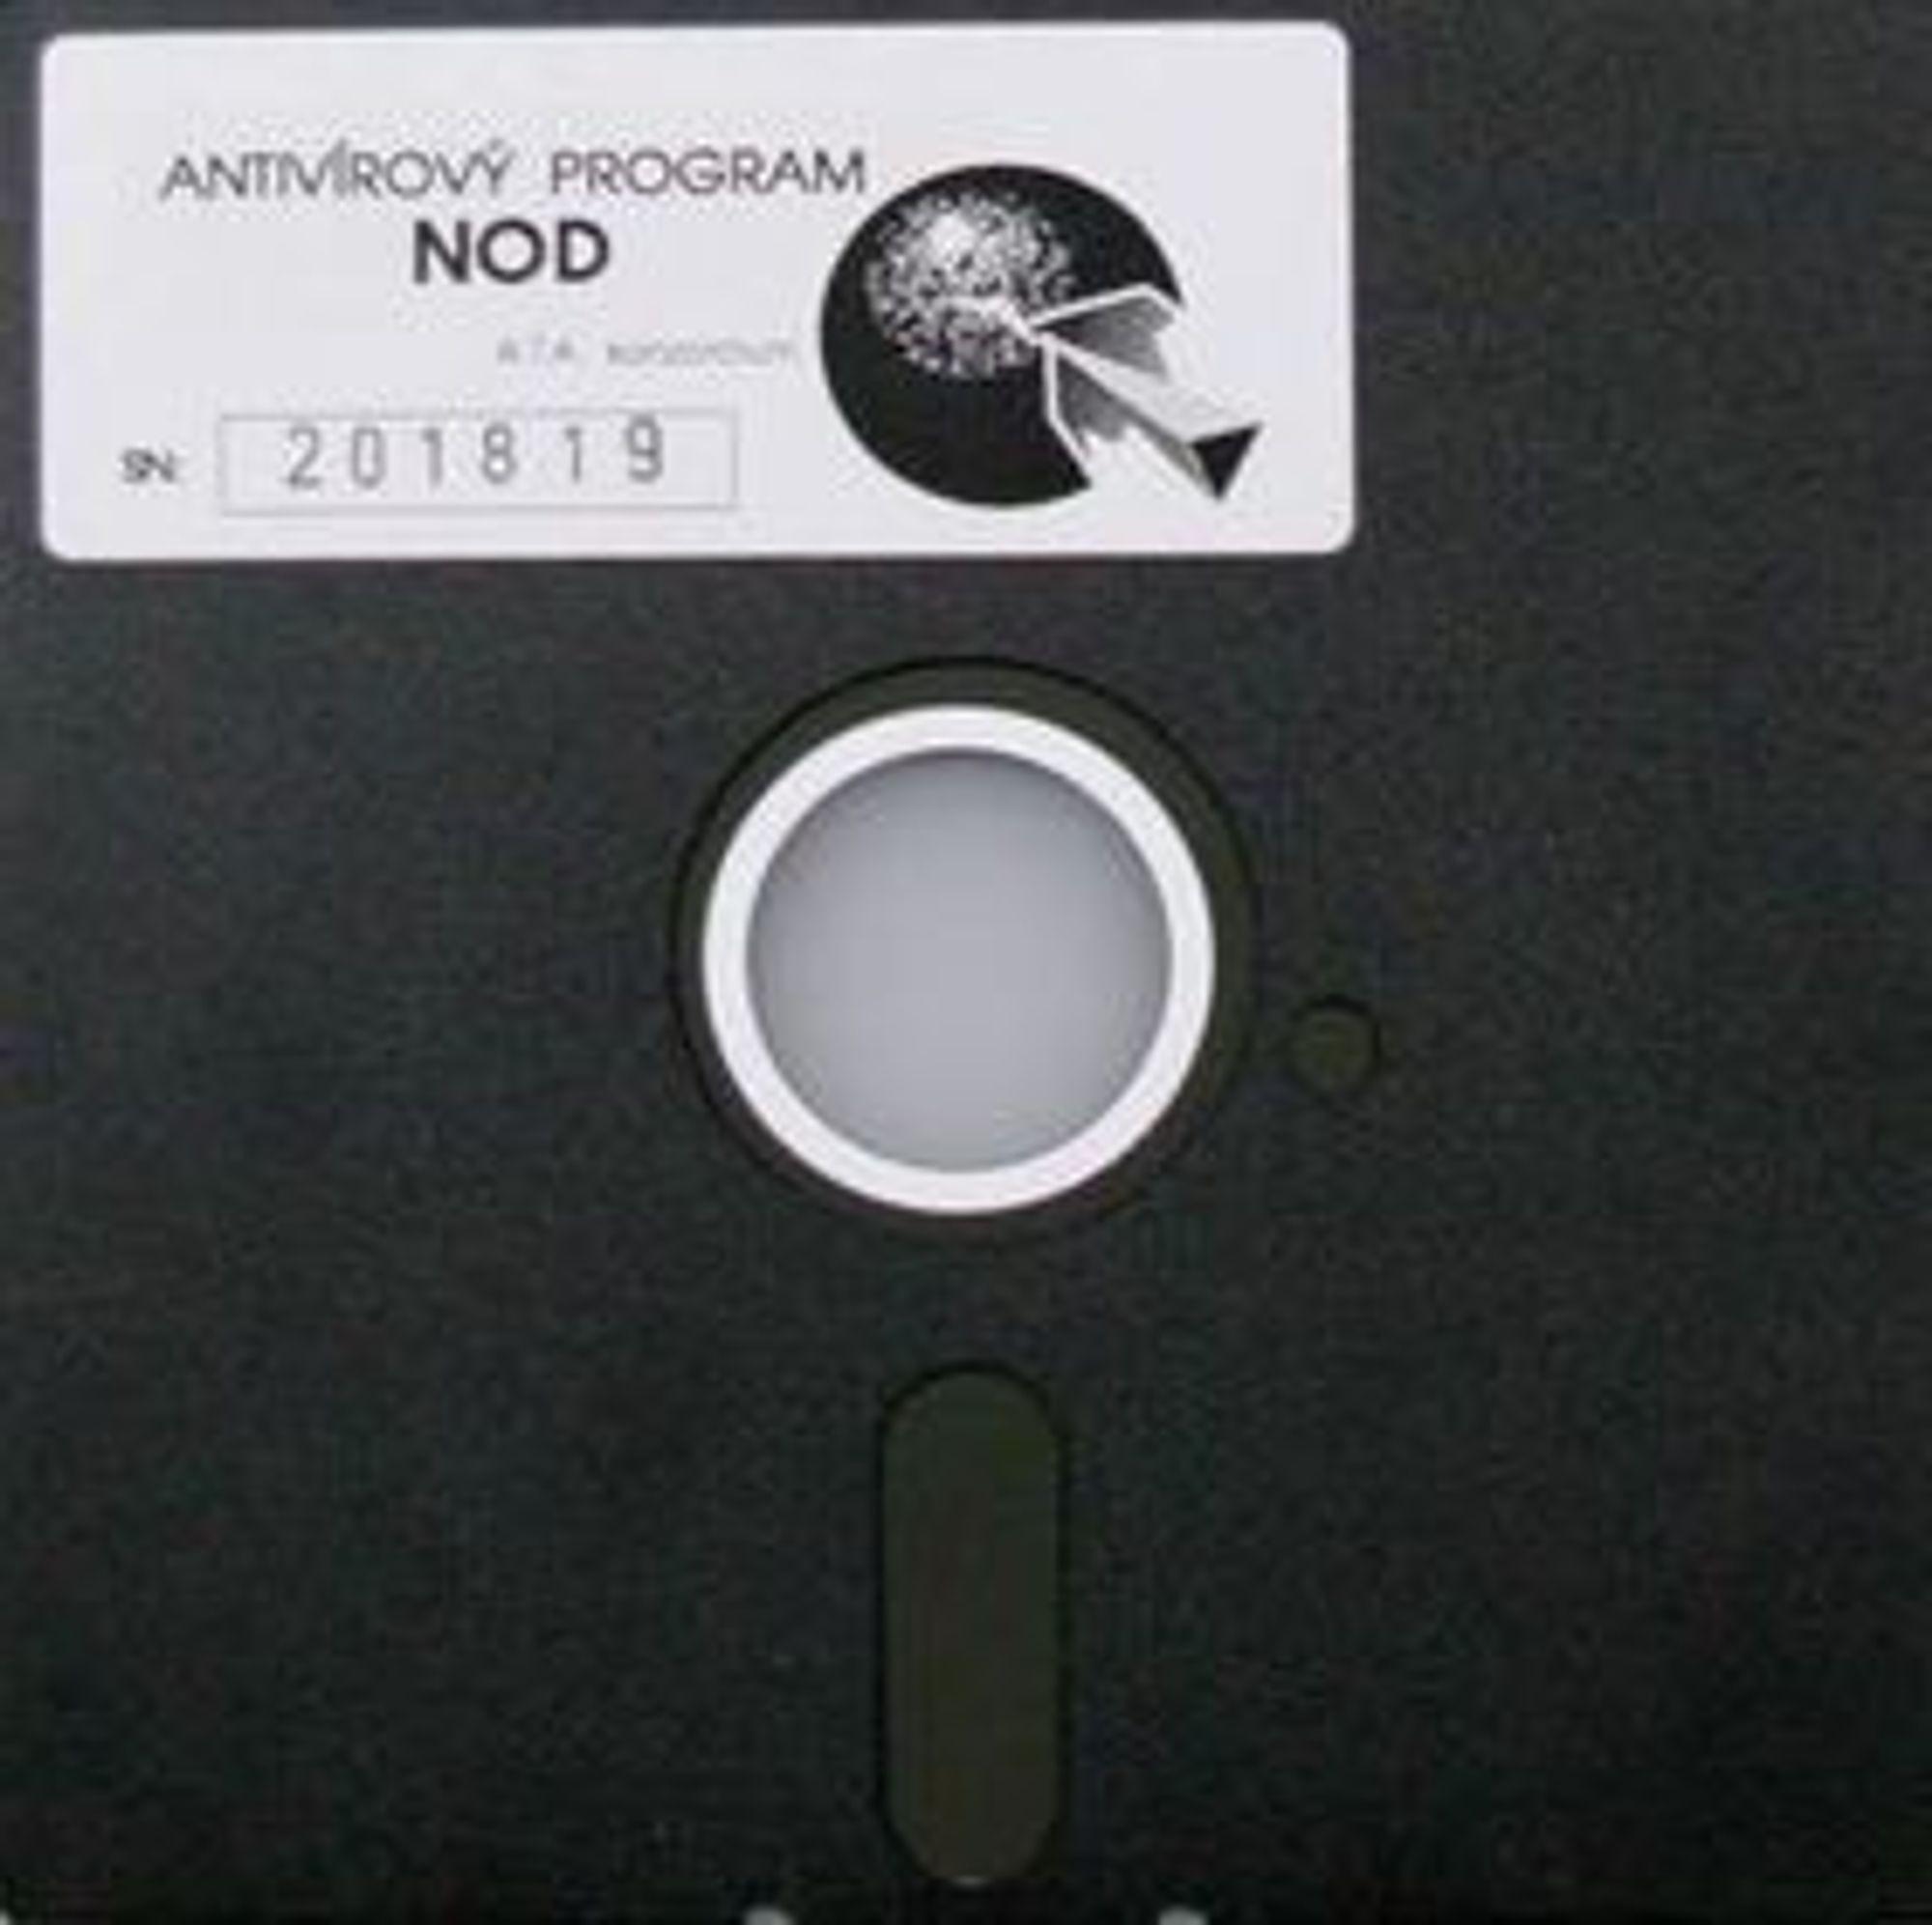 Diskett med den opprinnelige utgaven av NOD.